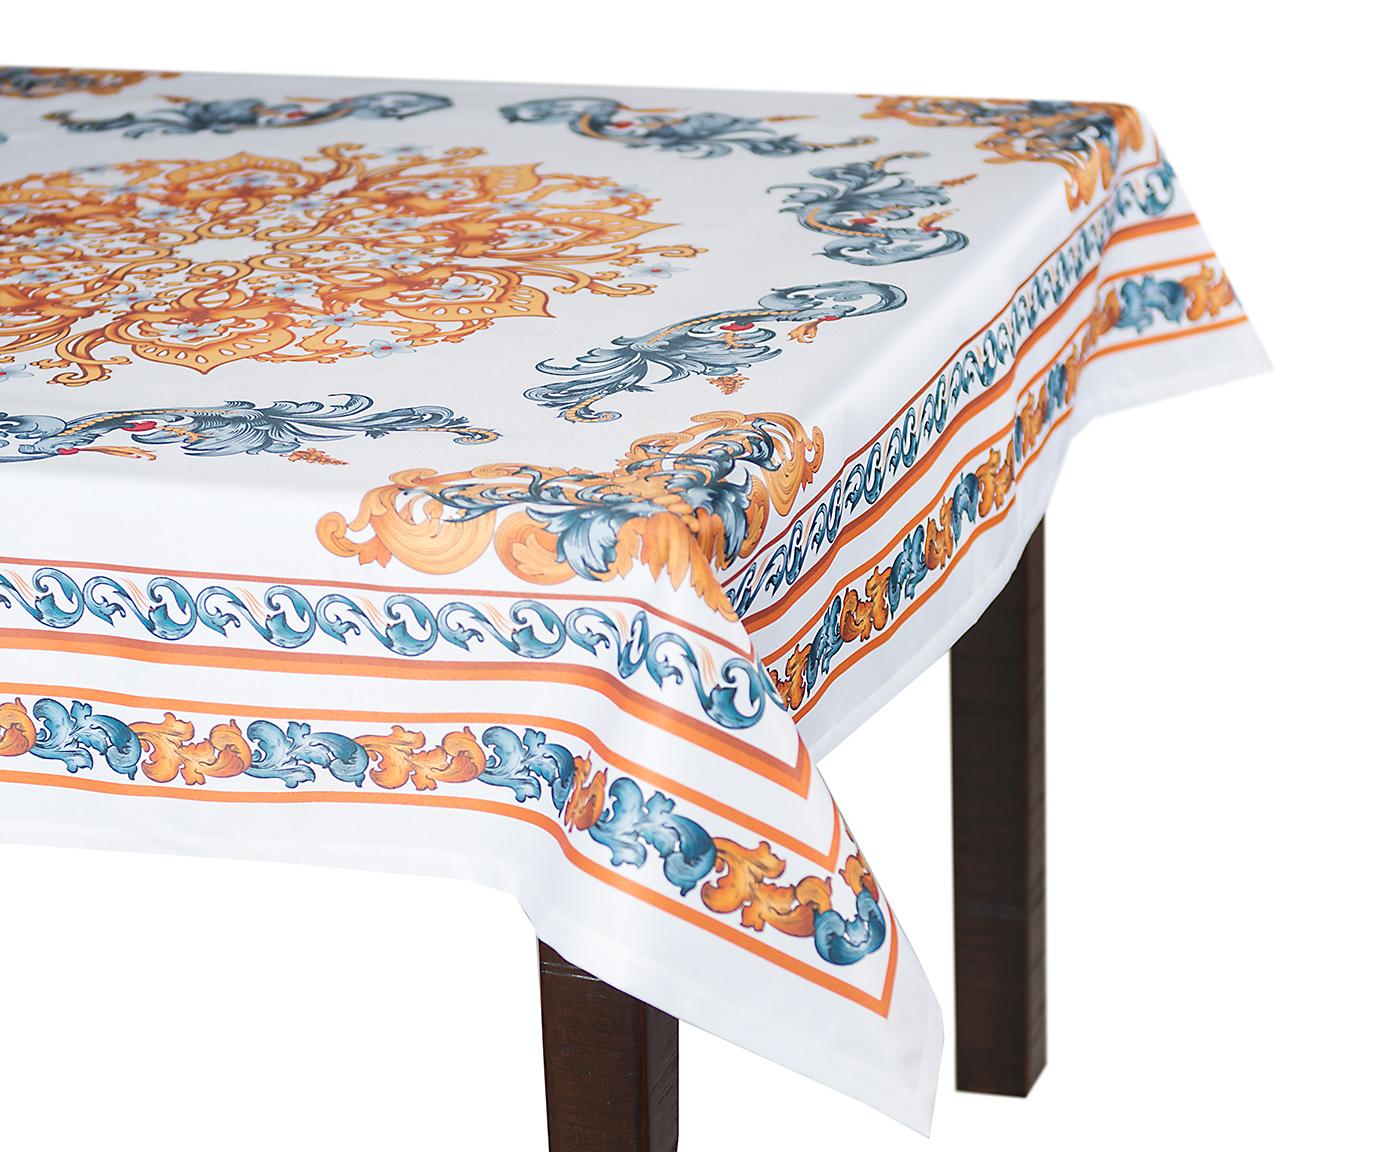 Кухня Скатерть 140x180 Blonder Home Delight оранжевая skatert-140x180-blonder-home-delight-oranzhevaya-ssha-rossiya.jpg